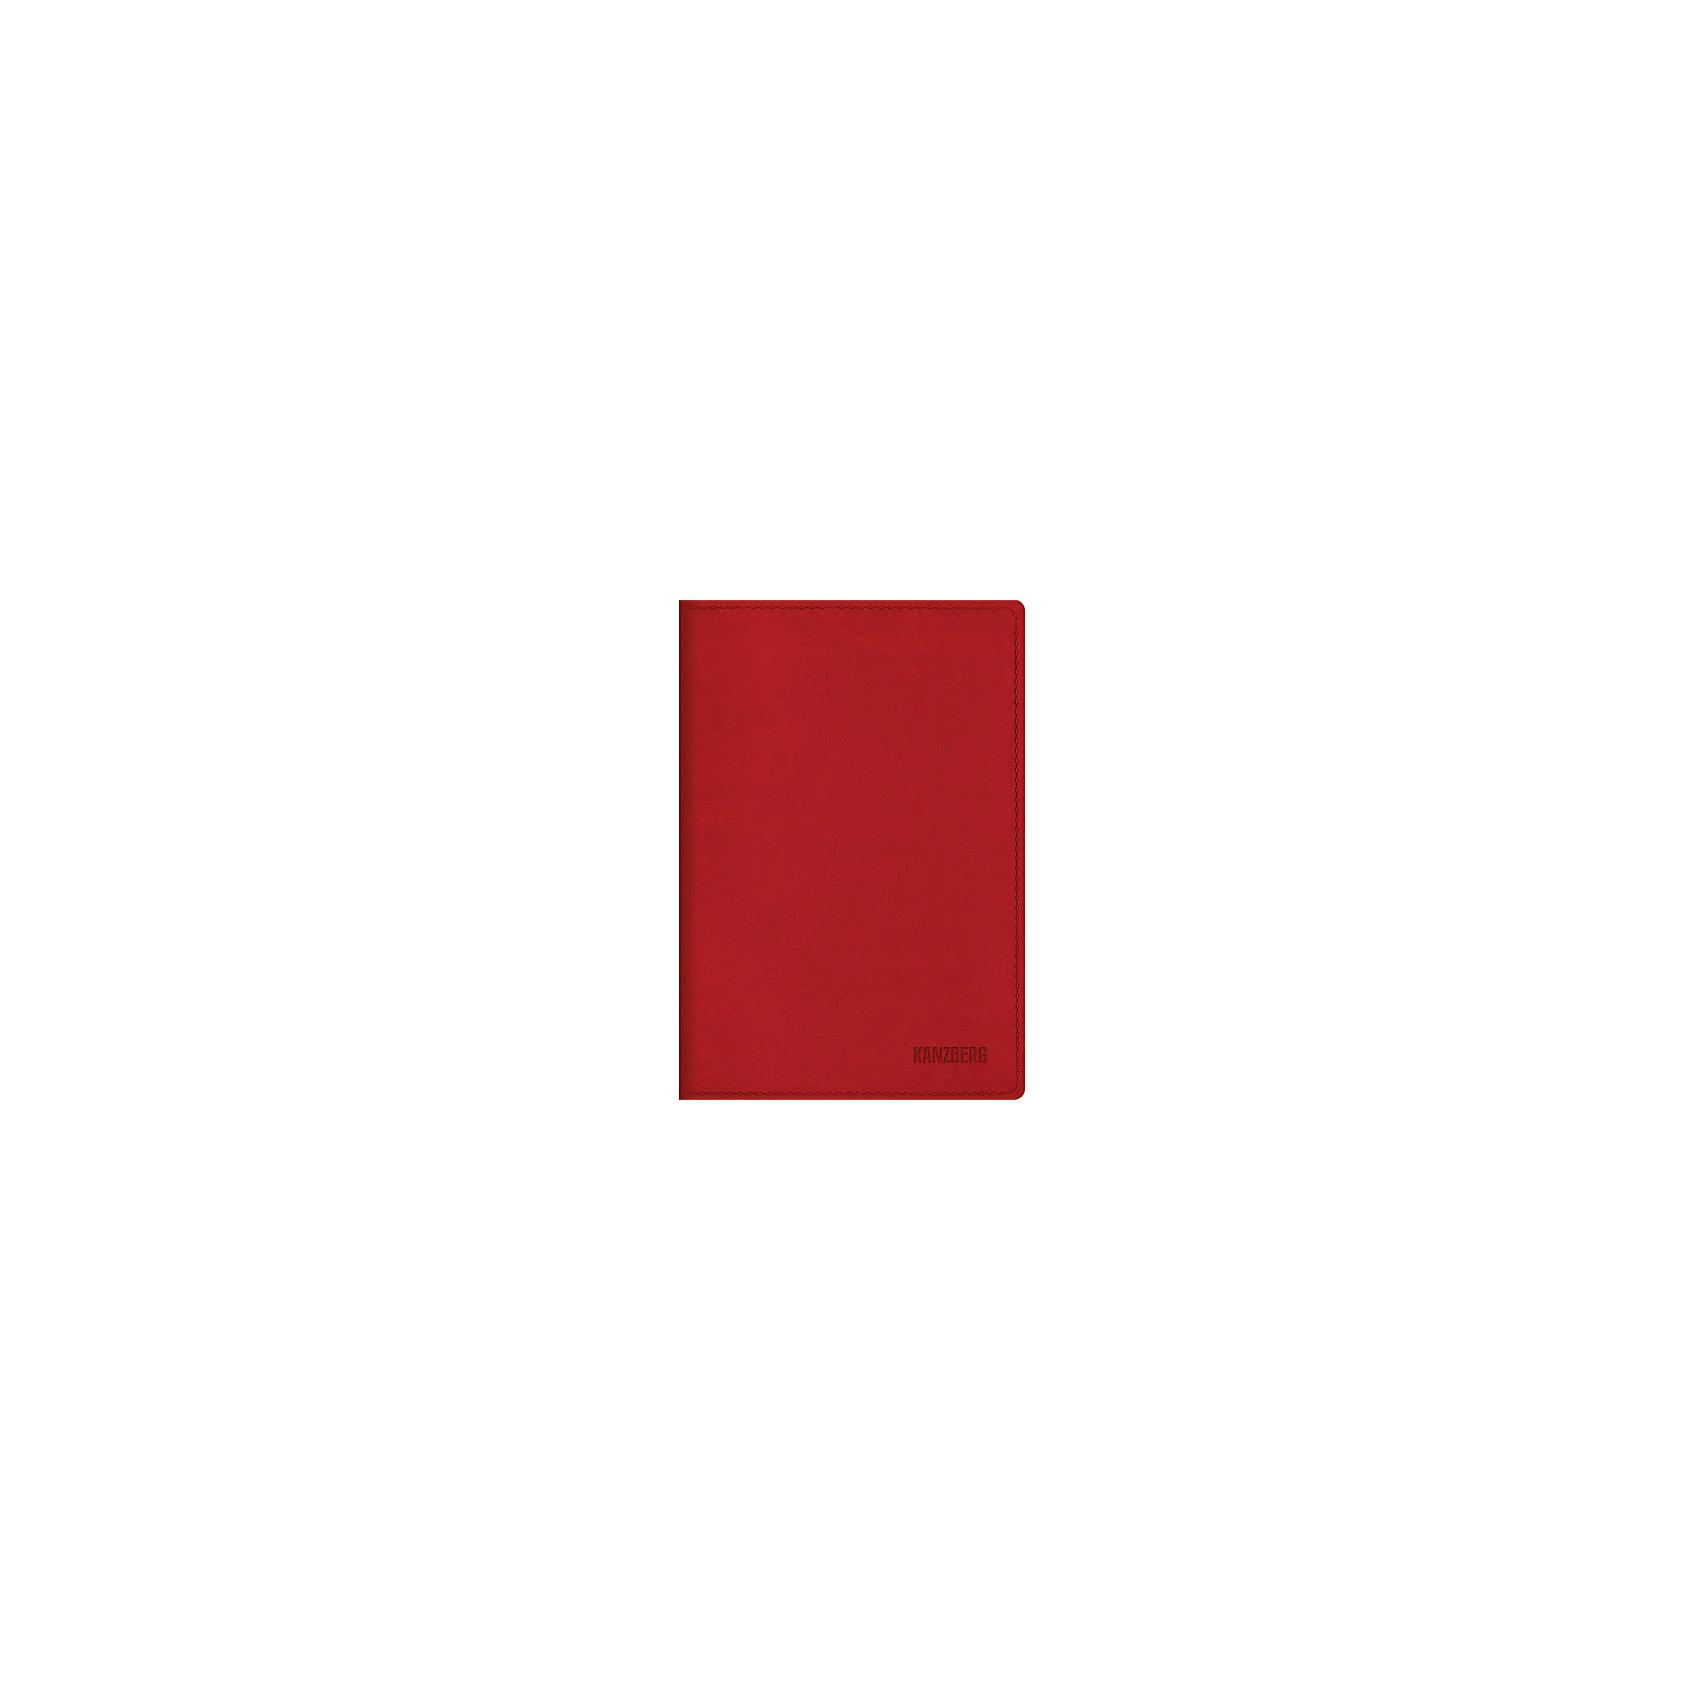 Ежедневник красный А6 KANZBERG, 152 лЕжедневник KANZBERG с яркой обложкой из искусственной кожи поможет сохранить все важные записи и заметки. Имеет разлинованные страницы с полем для даты и дня недели, ляссе. Прекрасно подойдет для школьников!<br><br>Дополнительная информация:<br>Цвет: красный<br>Формат: А6<br>Количество листов: 152<br>Обложка: искусственная кожа<br>Есть ляссе<br>Закругленные уголки<br>Термотиснение<br>Переплет: интегральный<br>Ежедневник KANZBERG можно купить в нашем интернет-магазине<br><br>Ширина мм: 148<br>Глубина мм: 105<br>Высота мм: 20<br>Вес г: 207<br>Возраст от месяцев: 144<br>Возраст до месяцев: 2147483647<br>Пол: Унисекс<br>Возраст: Детский<br>SKU: 4942454